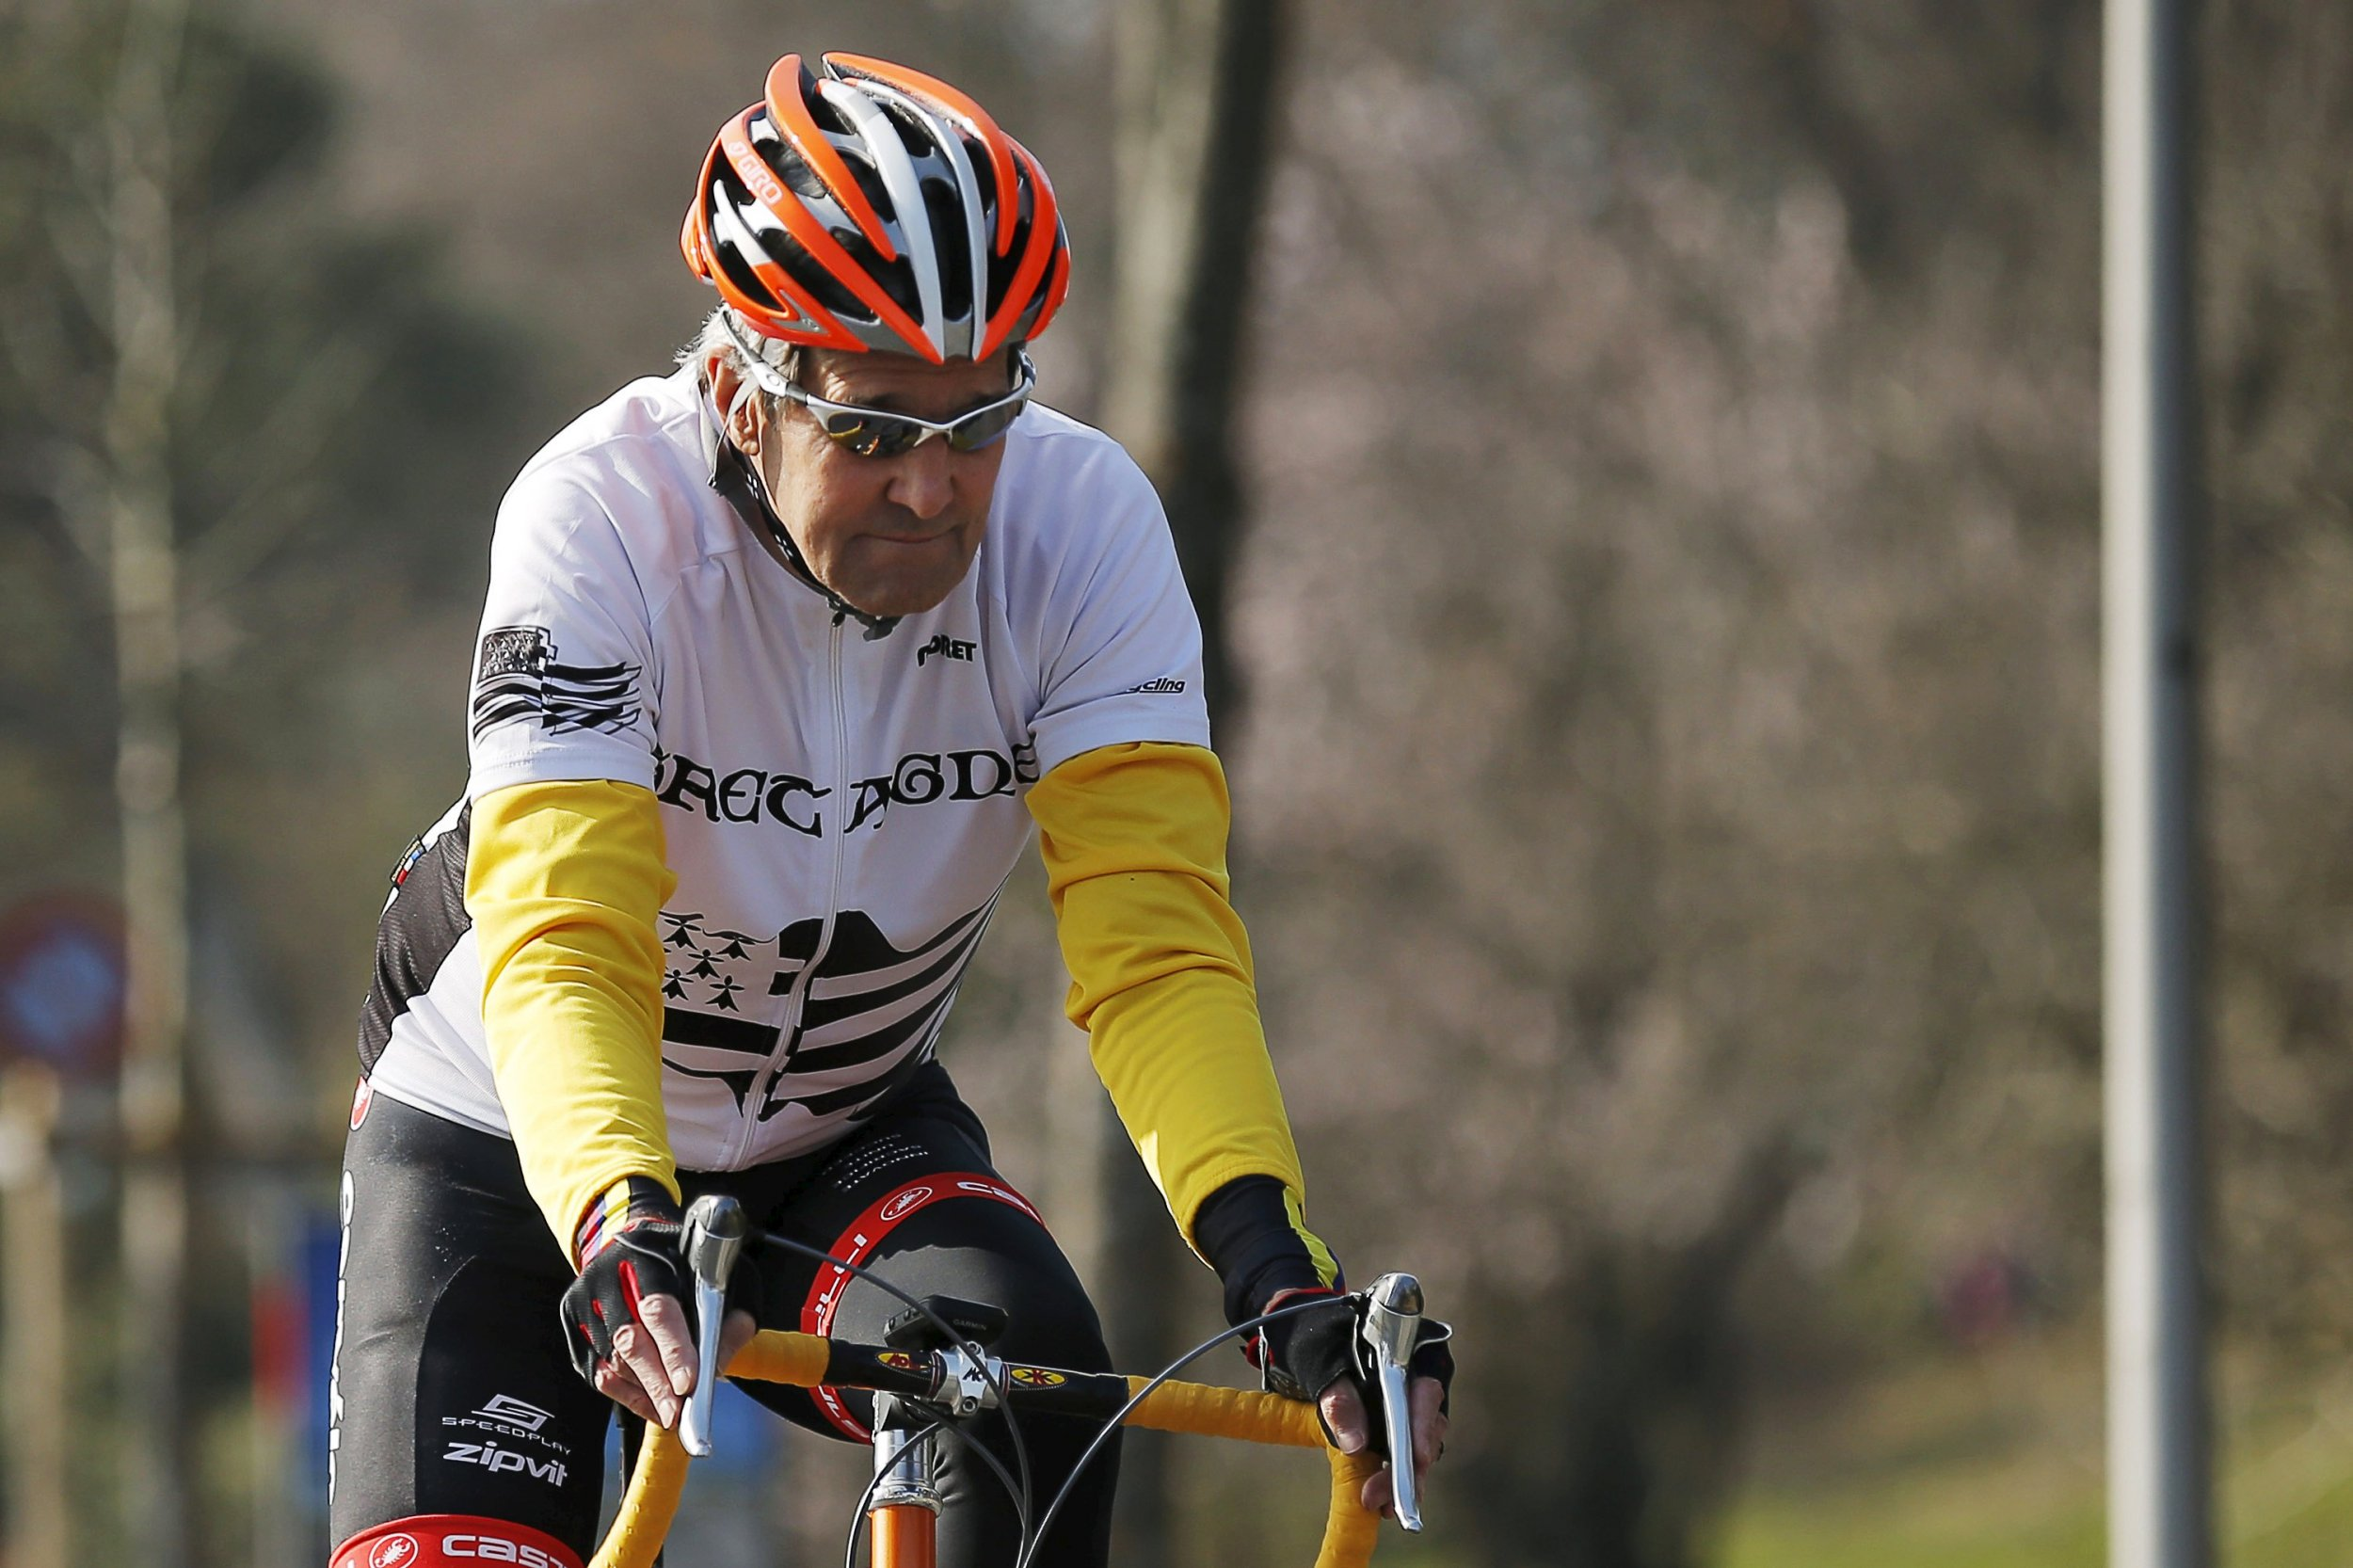 Kerry biking